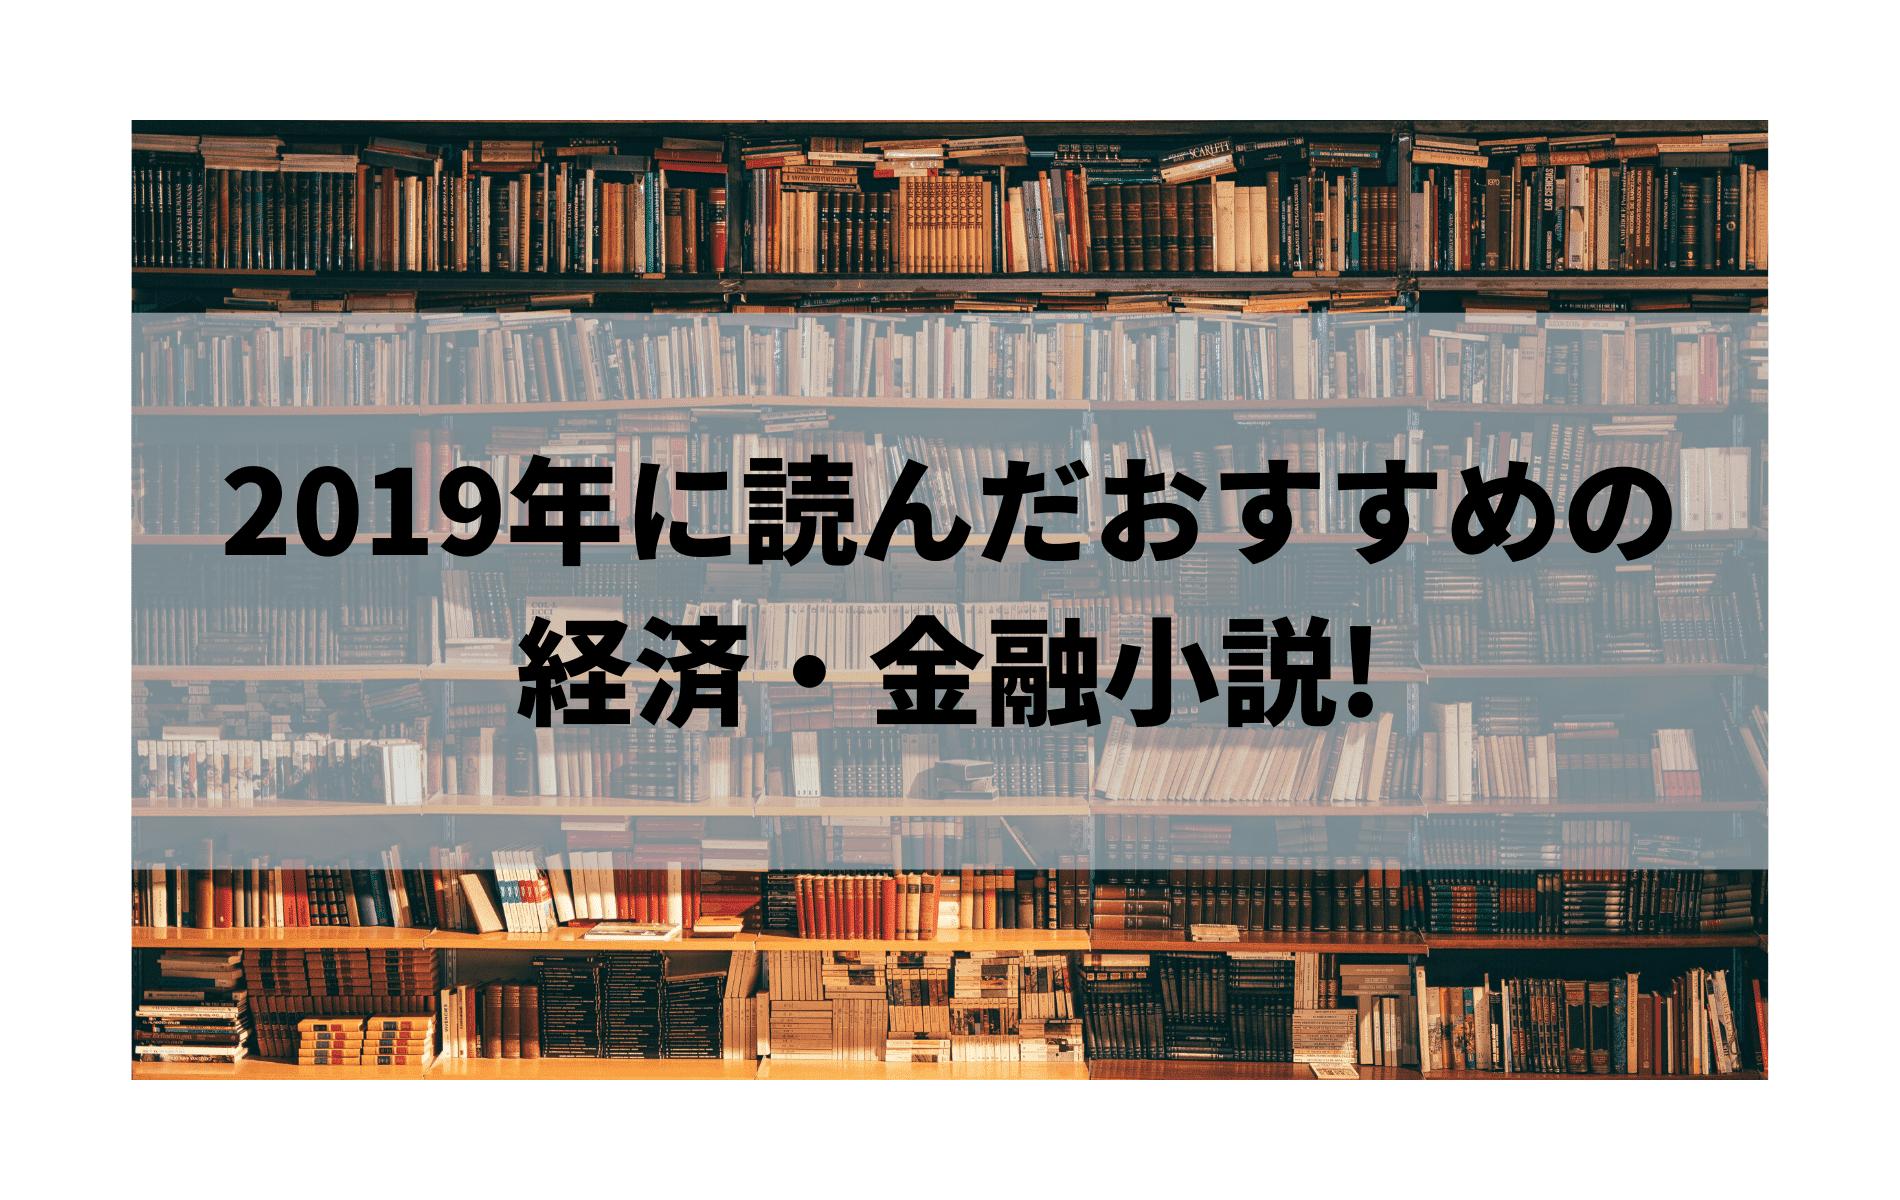 小説 おすすめ 2019